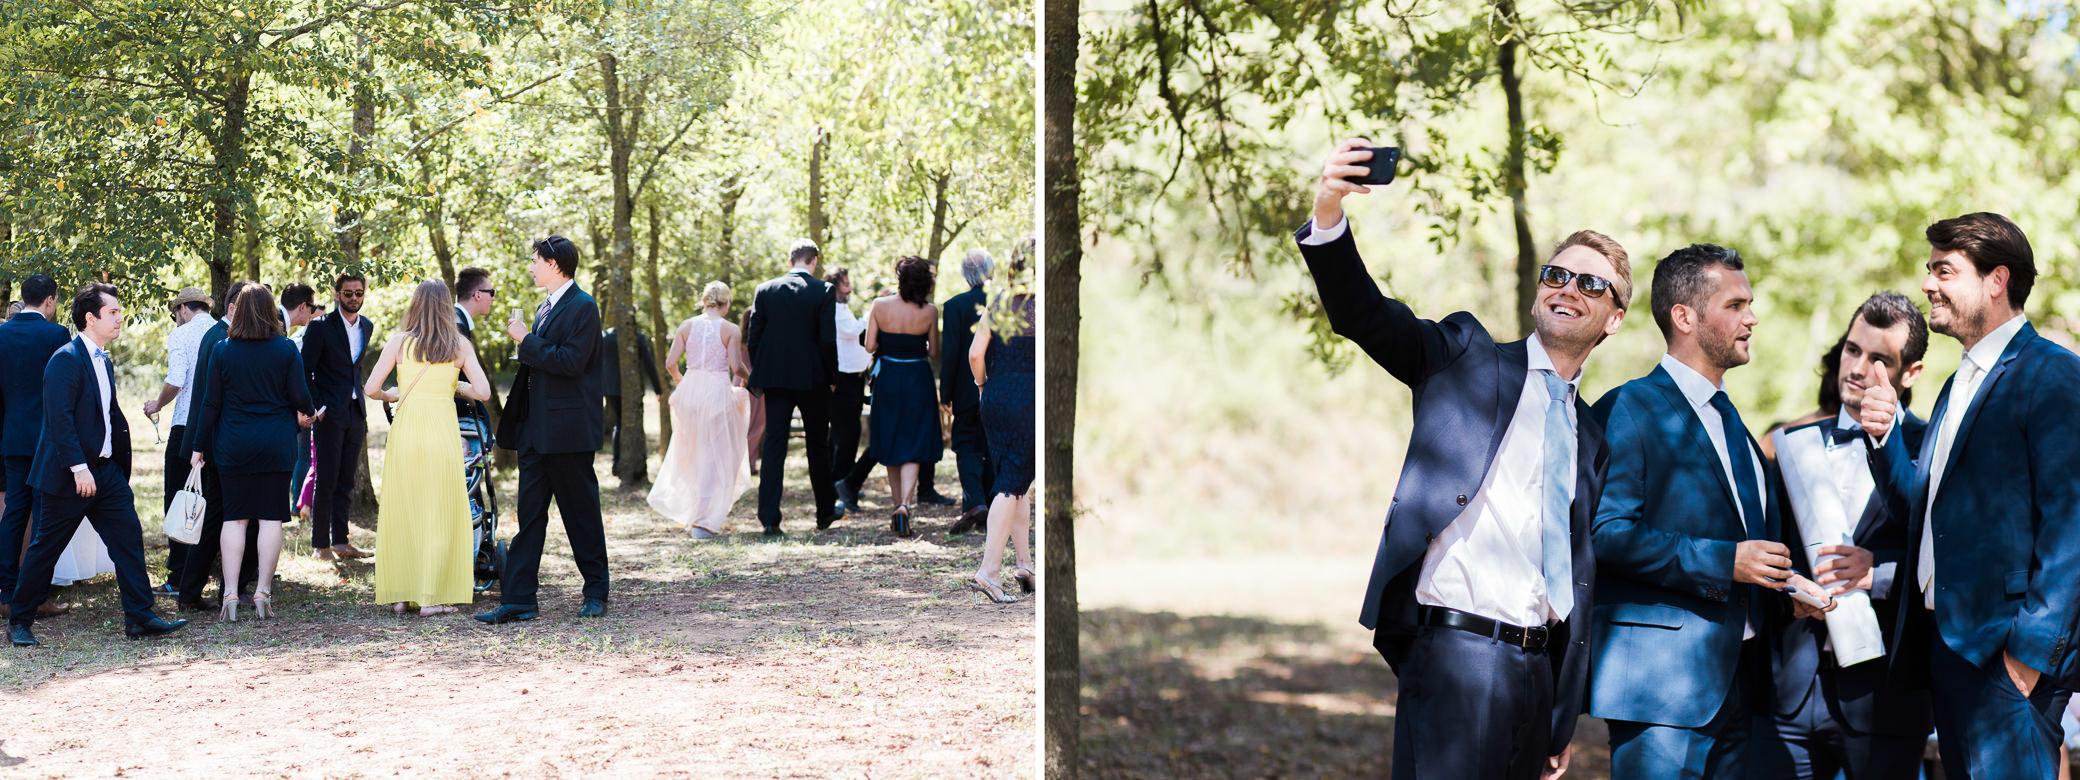 boda-olot-mas-can-batlle-destination-wedding-photografeel-15.jpg